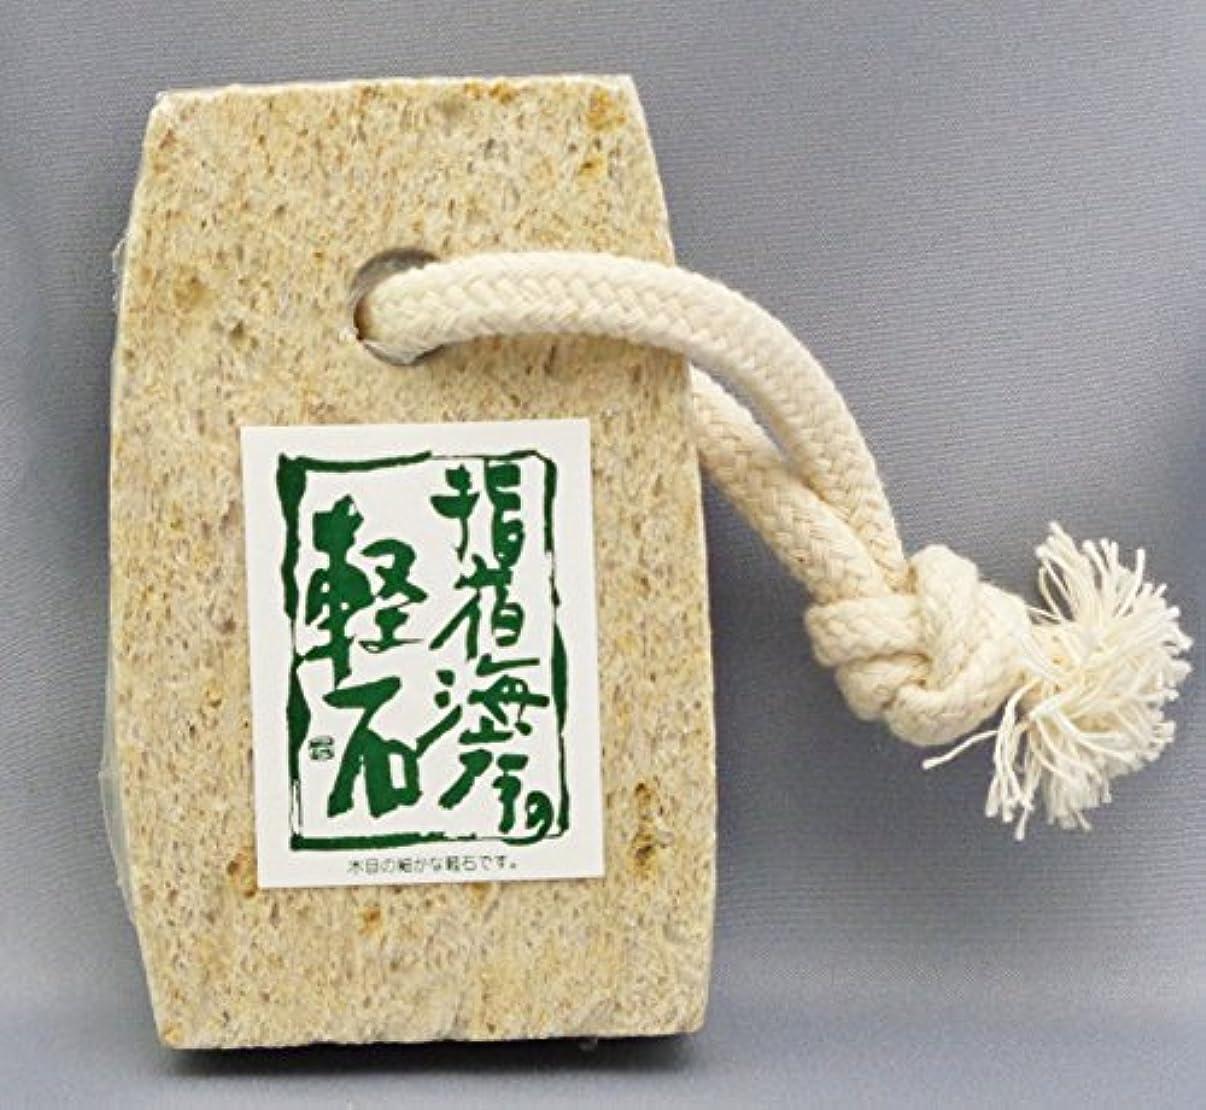 削るクリスマスどこシオザキ No.3 中判軽石 (ヒモ付き)指宿の軽石